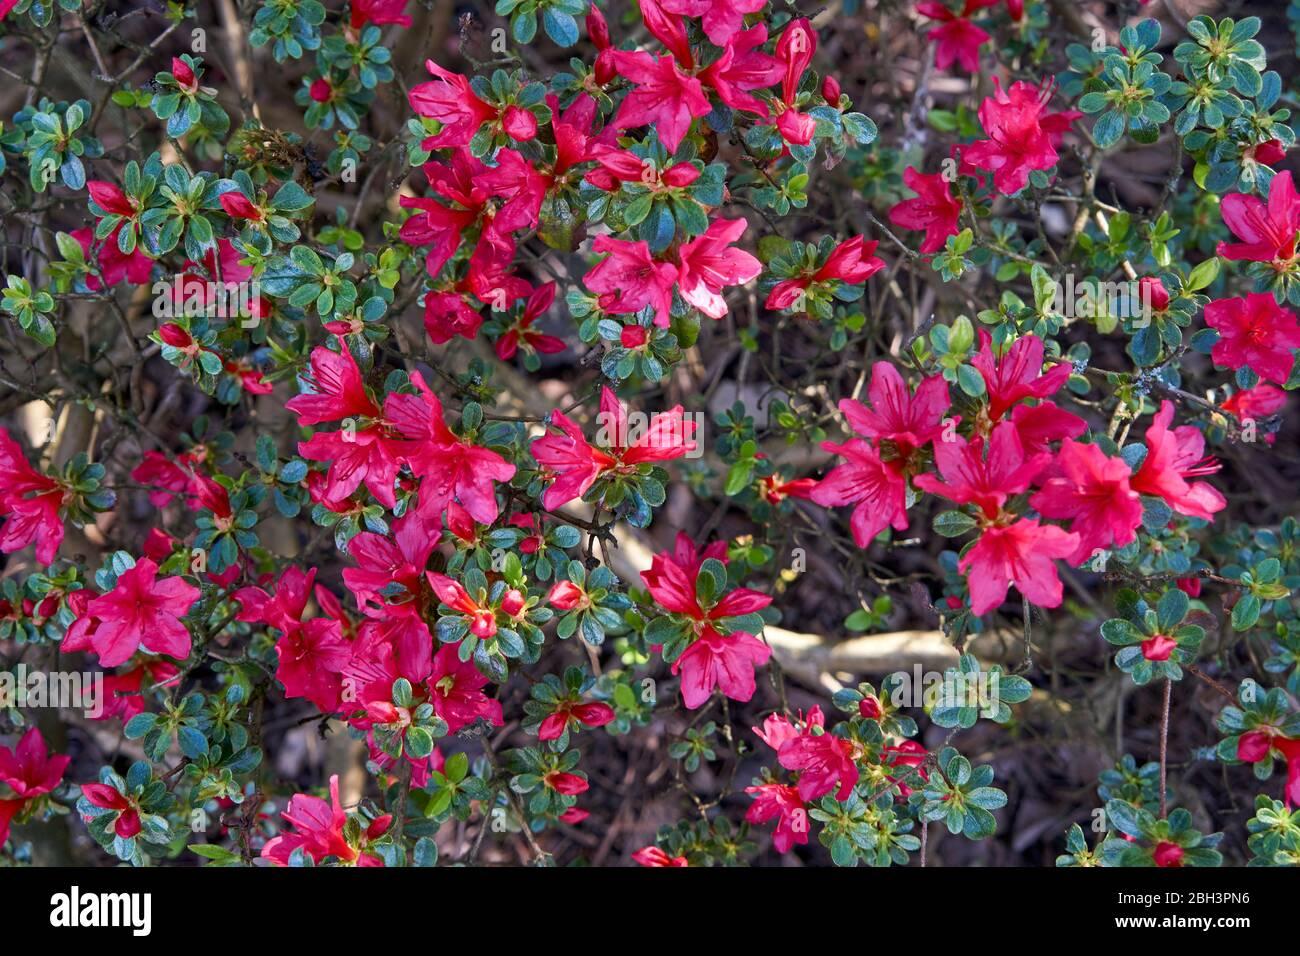 Cespugli Sempreverdi Con Fiori cespuglio sempreverde in fiore immagini & cespuglio